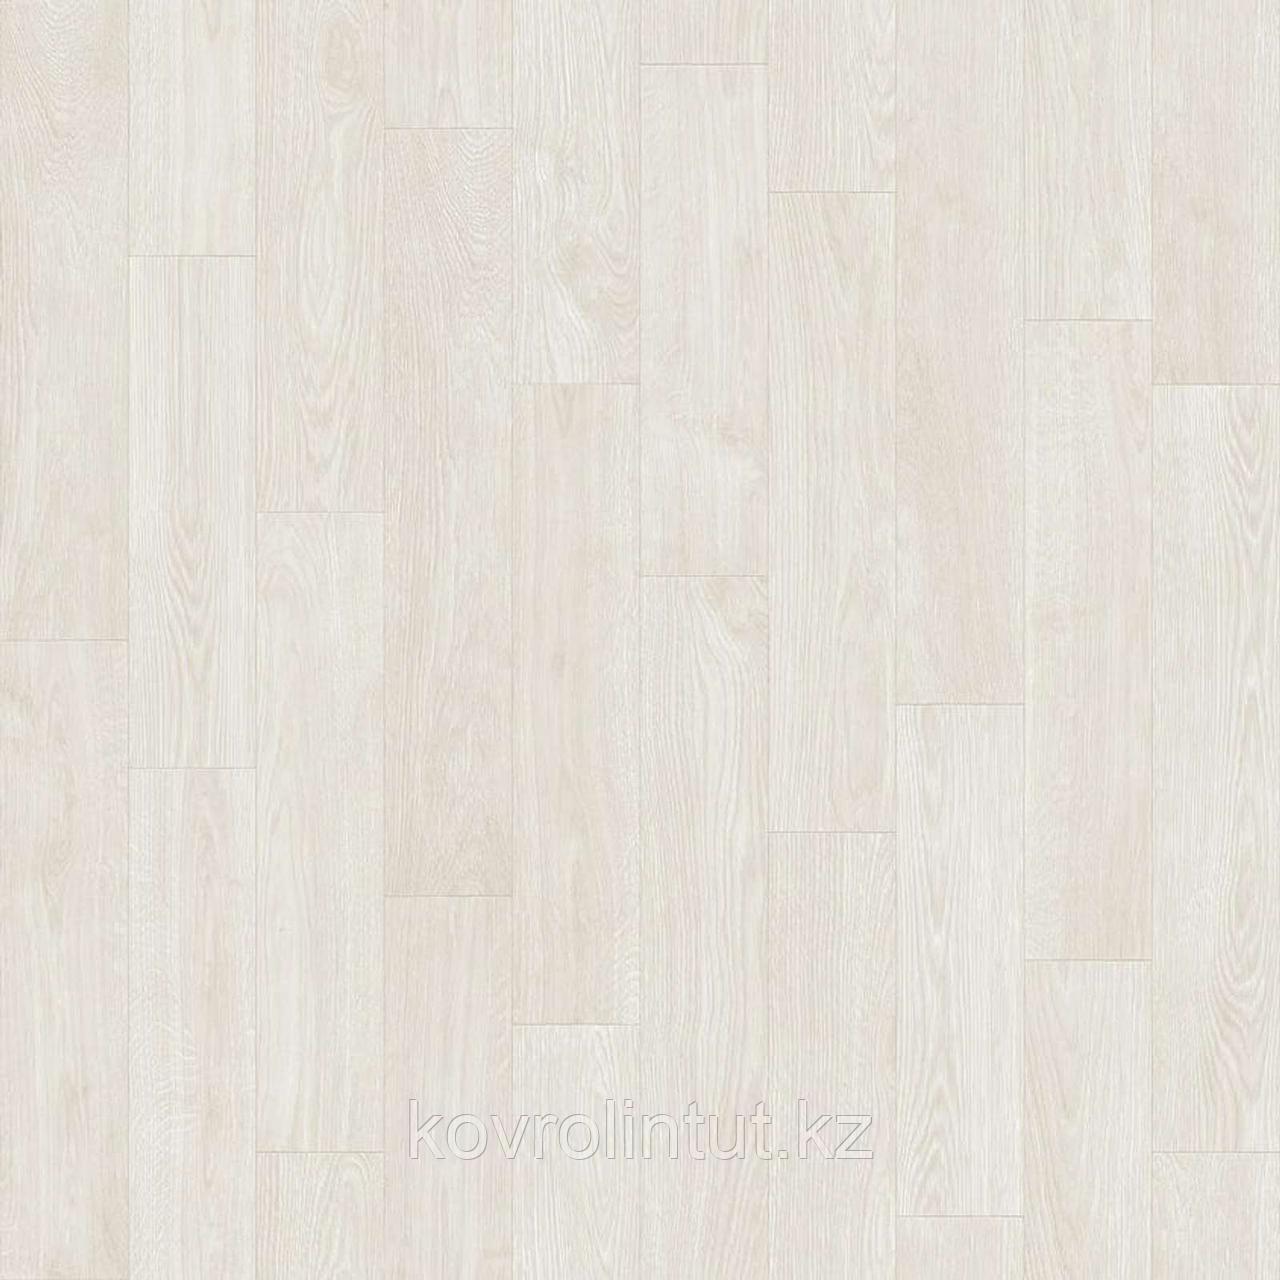 Линолеум бытовой Gladiator Gloriosa 1 3,5 м